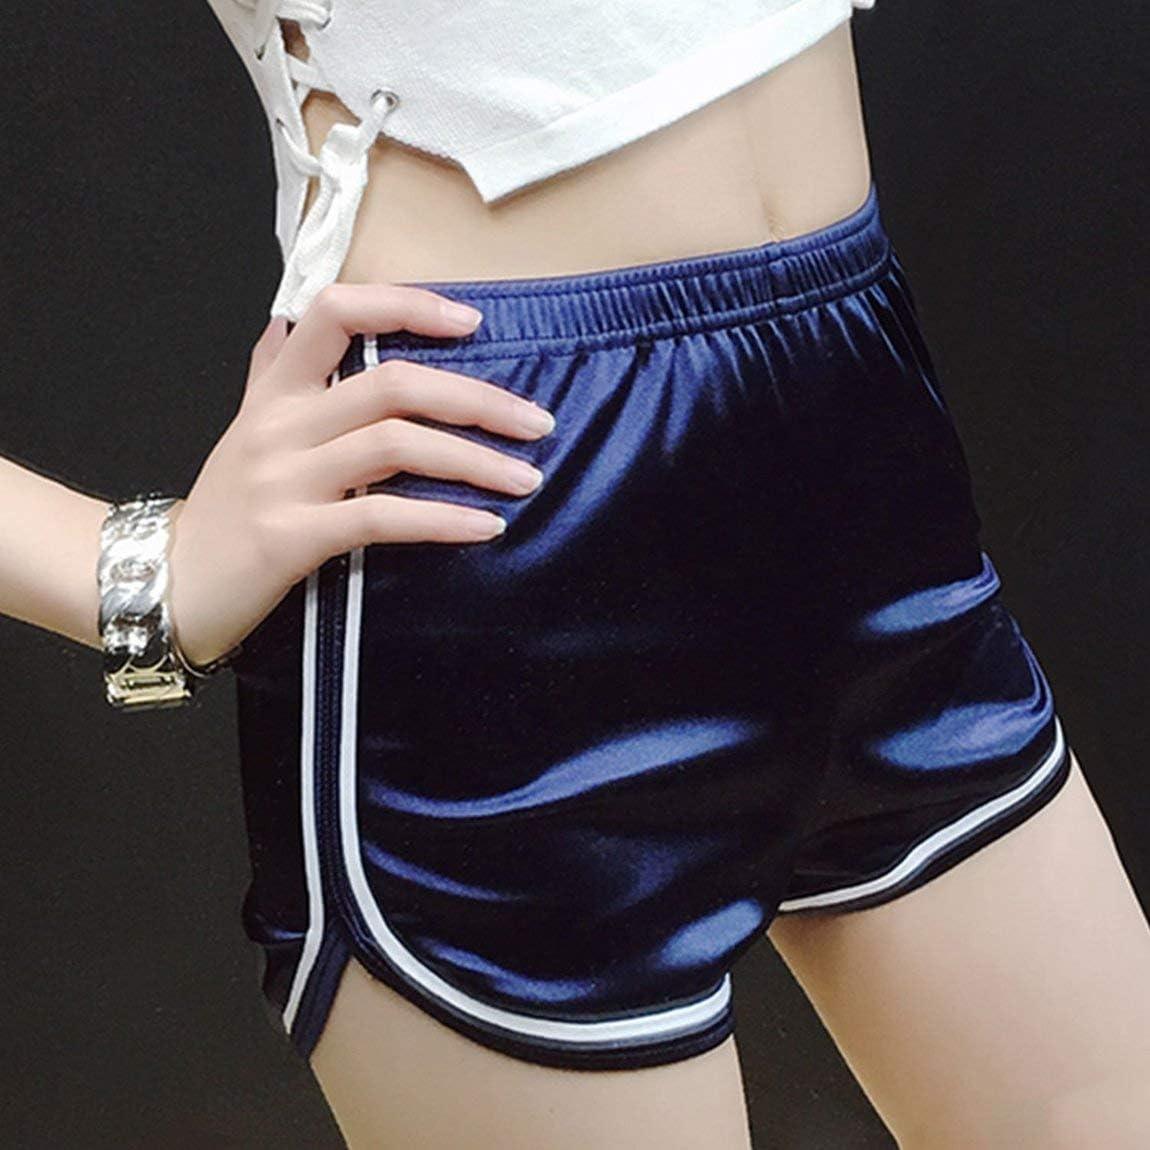 Mode Femme Shorts Taille Haute Brillant Brillant Sport Remise en Forme Shorts Ceinture /élastique l/âche Occasionnel Pantalon Court pour l/ét/é